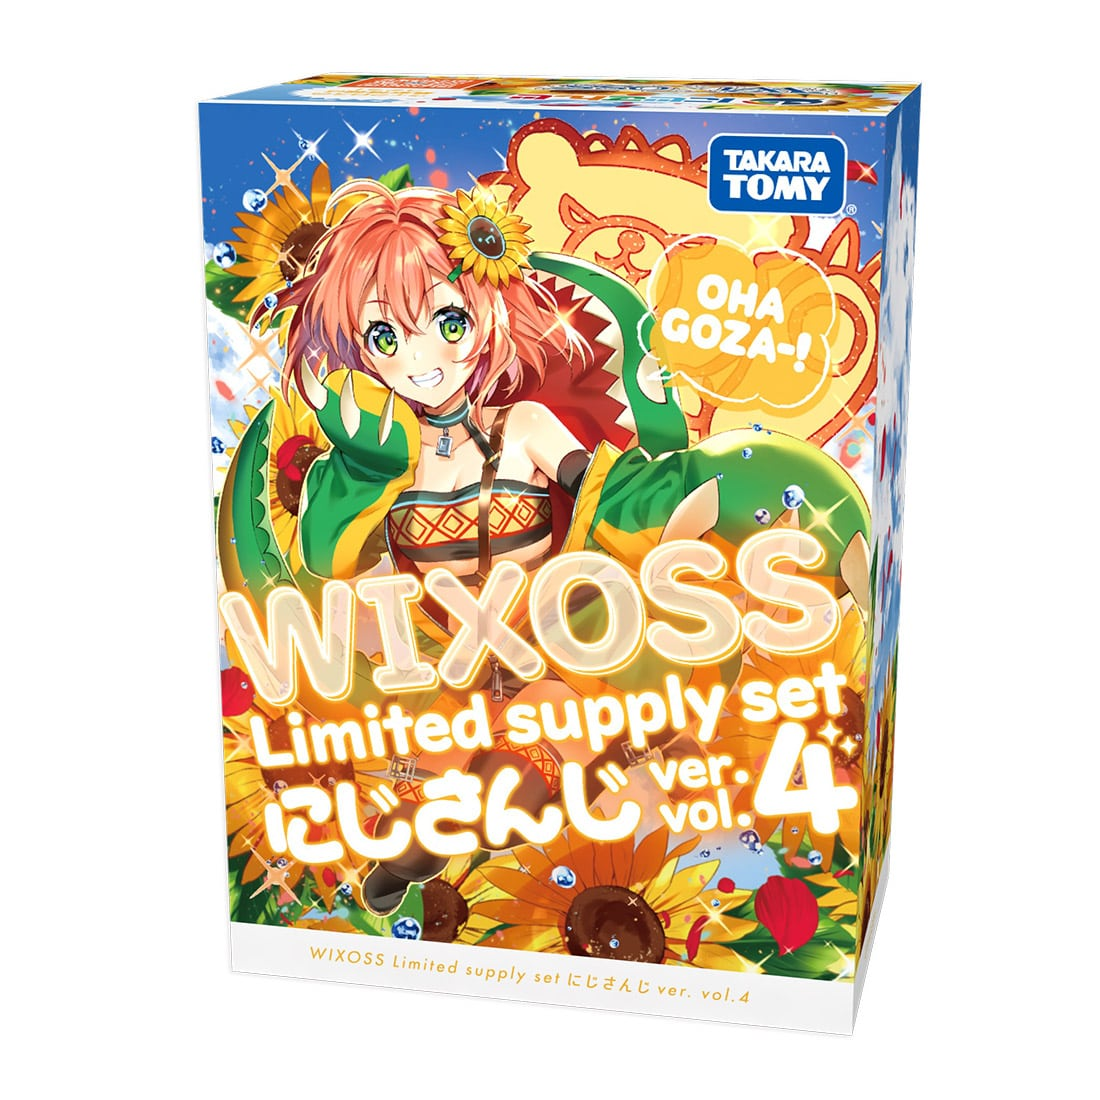 【限定販売】WIXOSS『Limited supply set にじさんじver. vol.4』トレカ-002